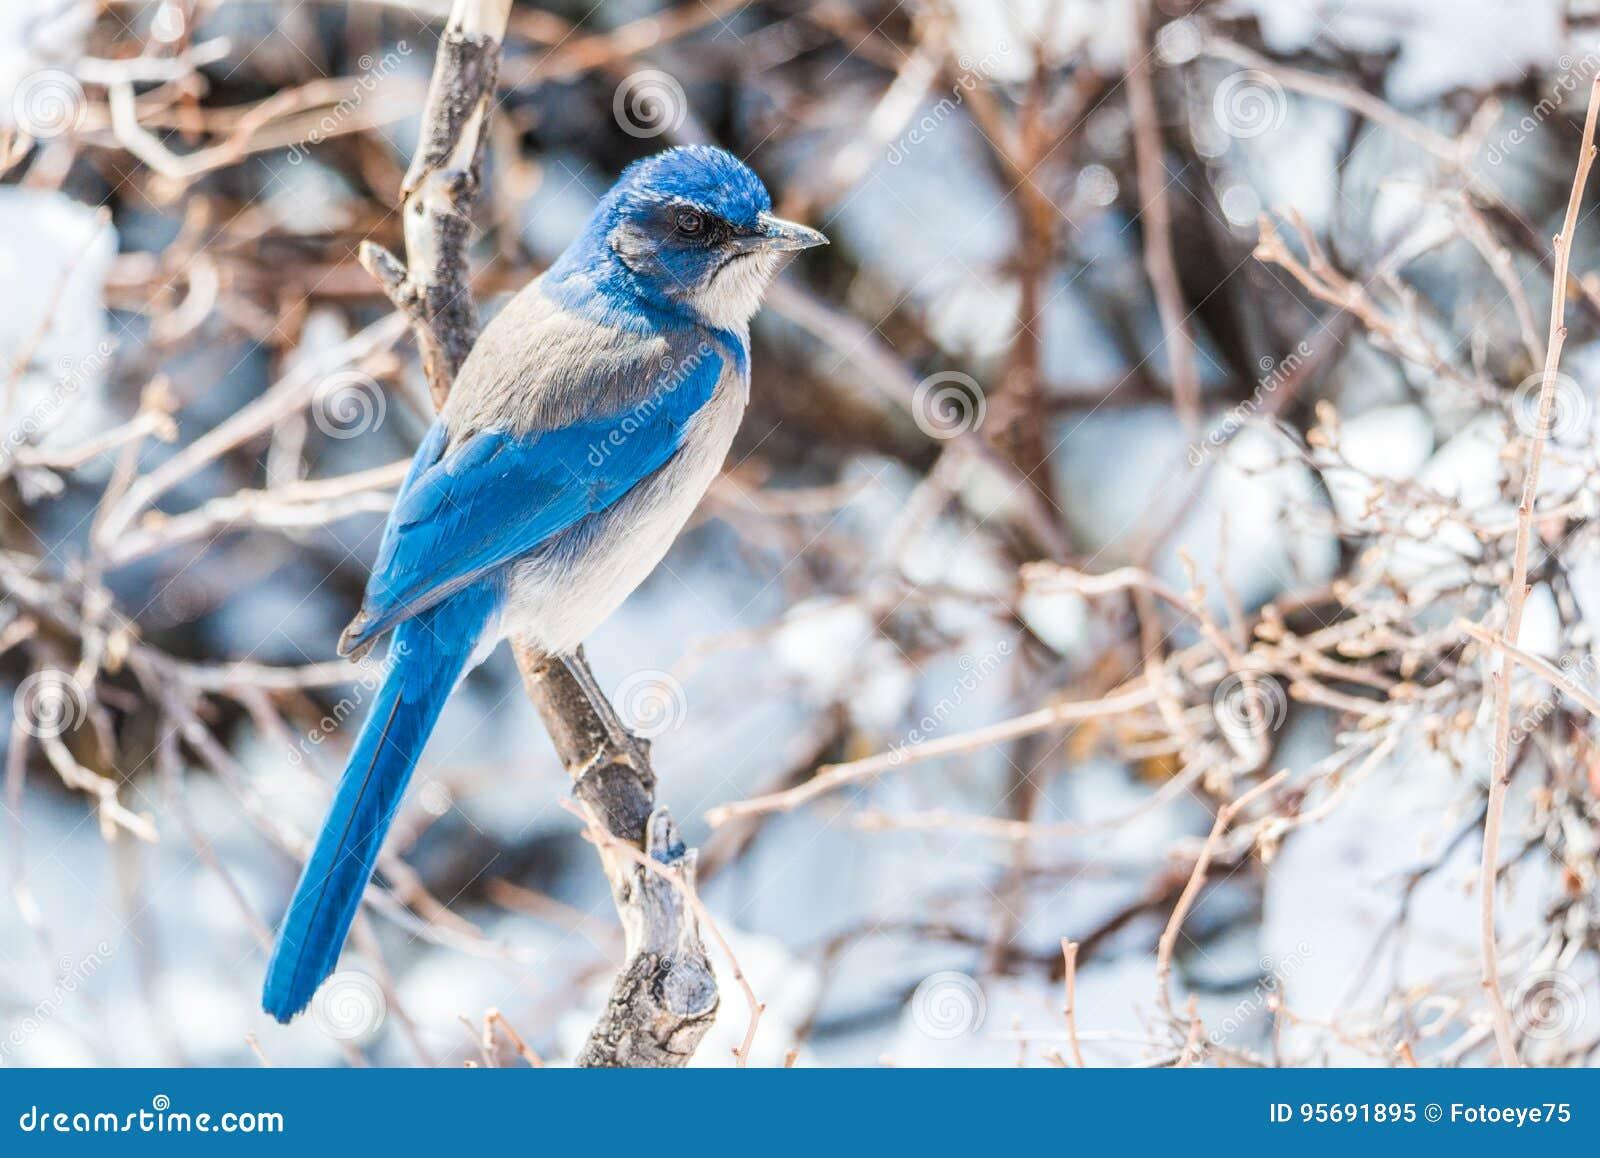 Photographie d oiseau d hiver - l oiseau bleu sur la neige a couvert l arbre de buisson